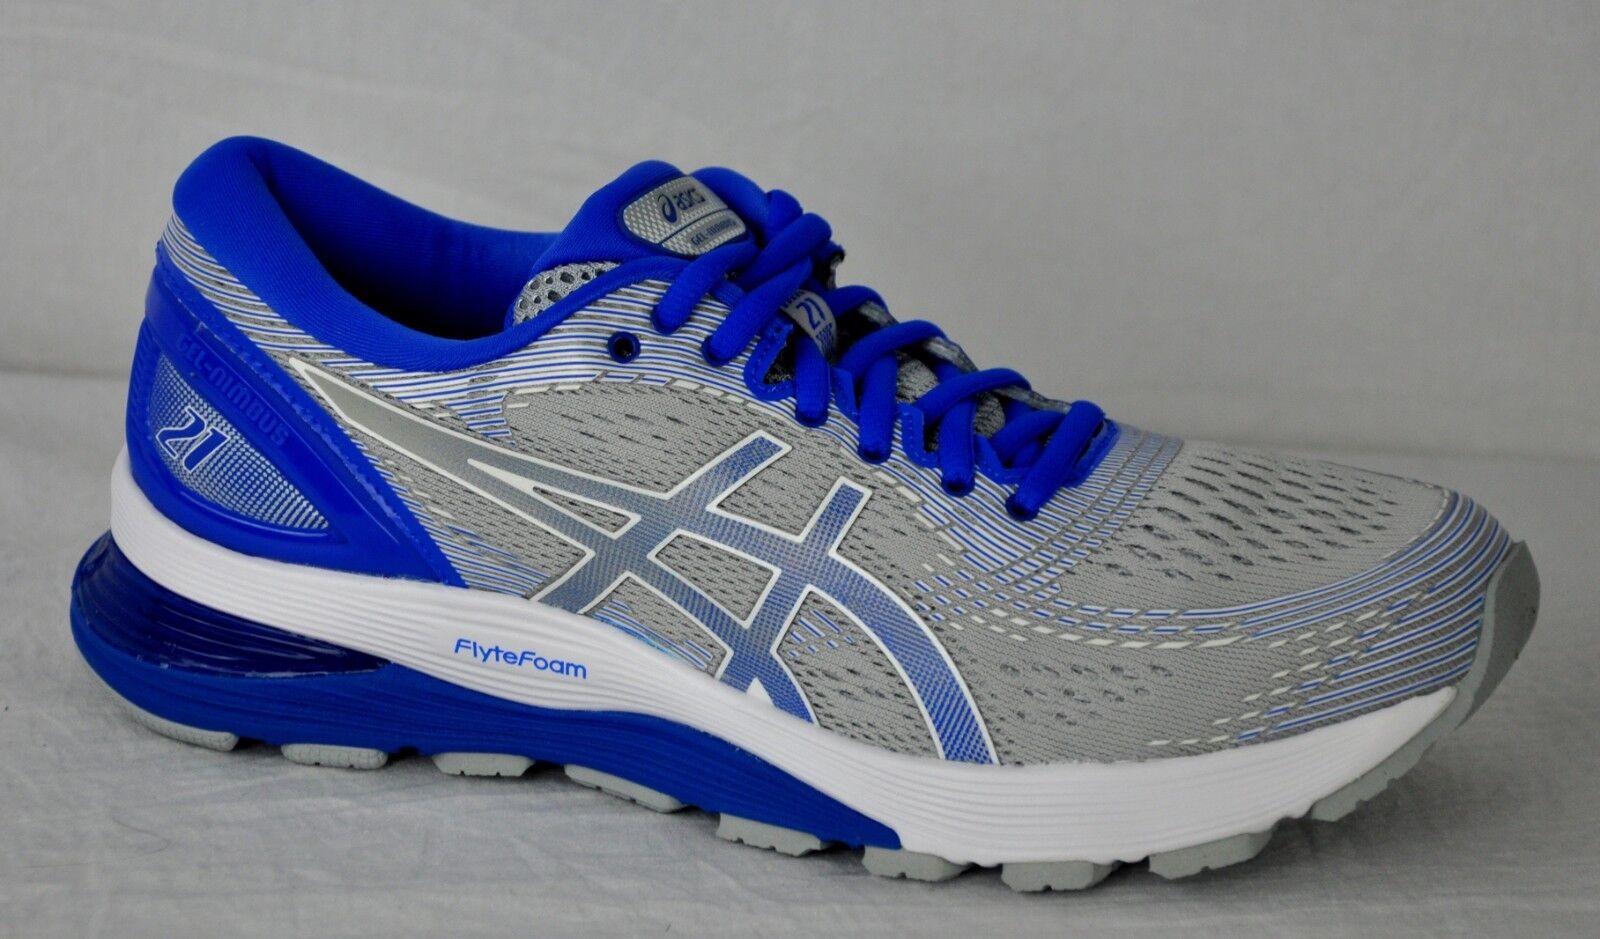 Asics de mujer Gel nimbus 21 Lite-Show Zapatos Zapatos Zapatos 1012A189 gris Medio ilusn azul SZ 9.5  los últimos modelos